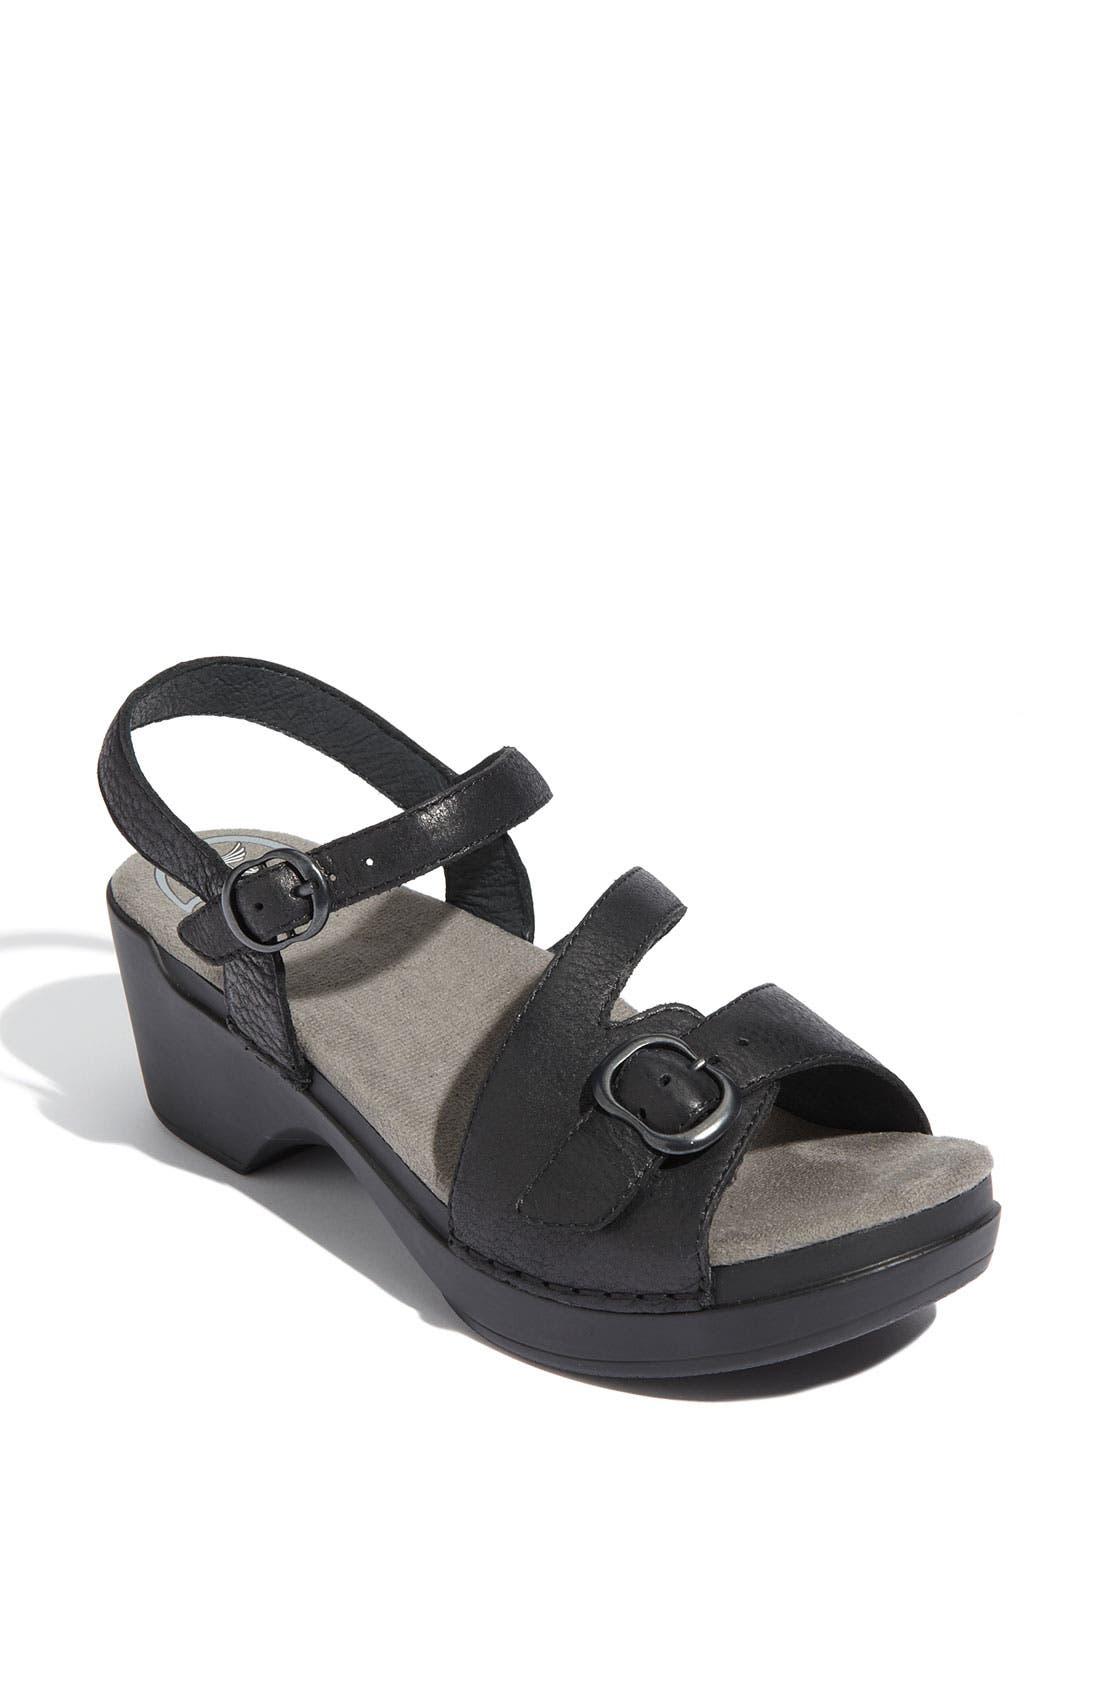 Main Image - Dansko 'Sandi' Clog Sandal